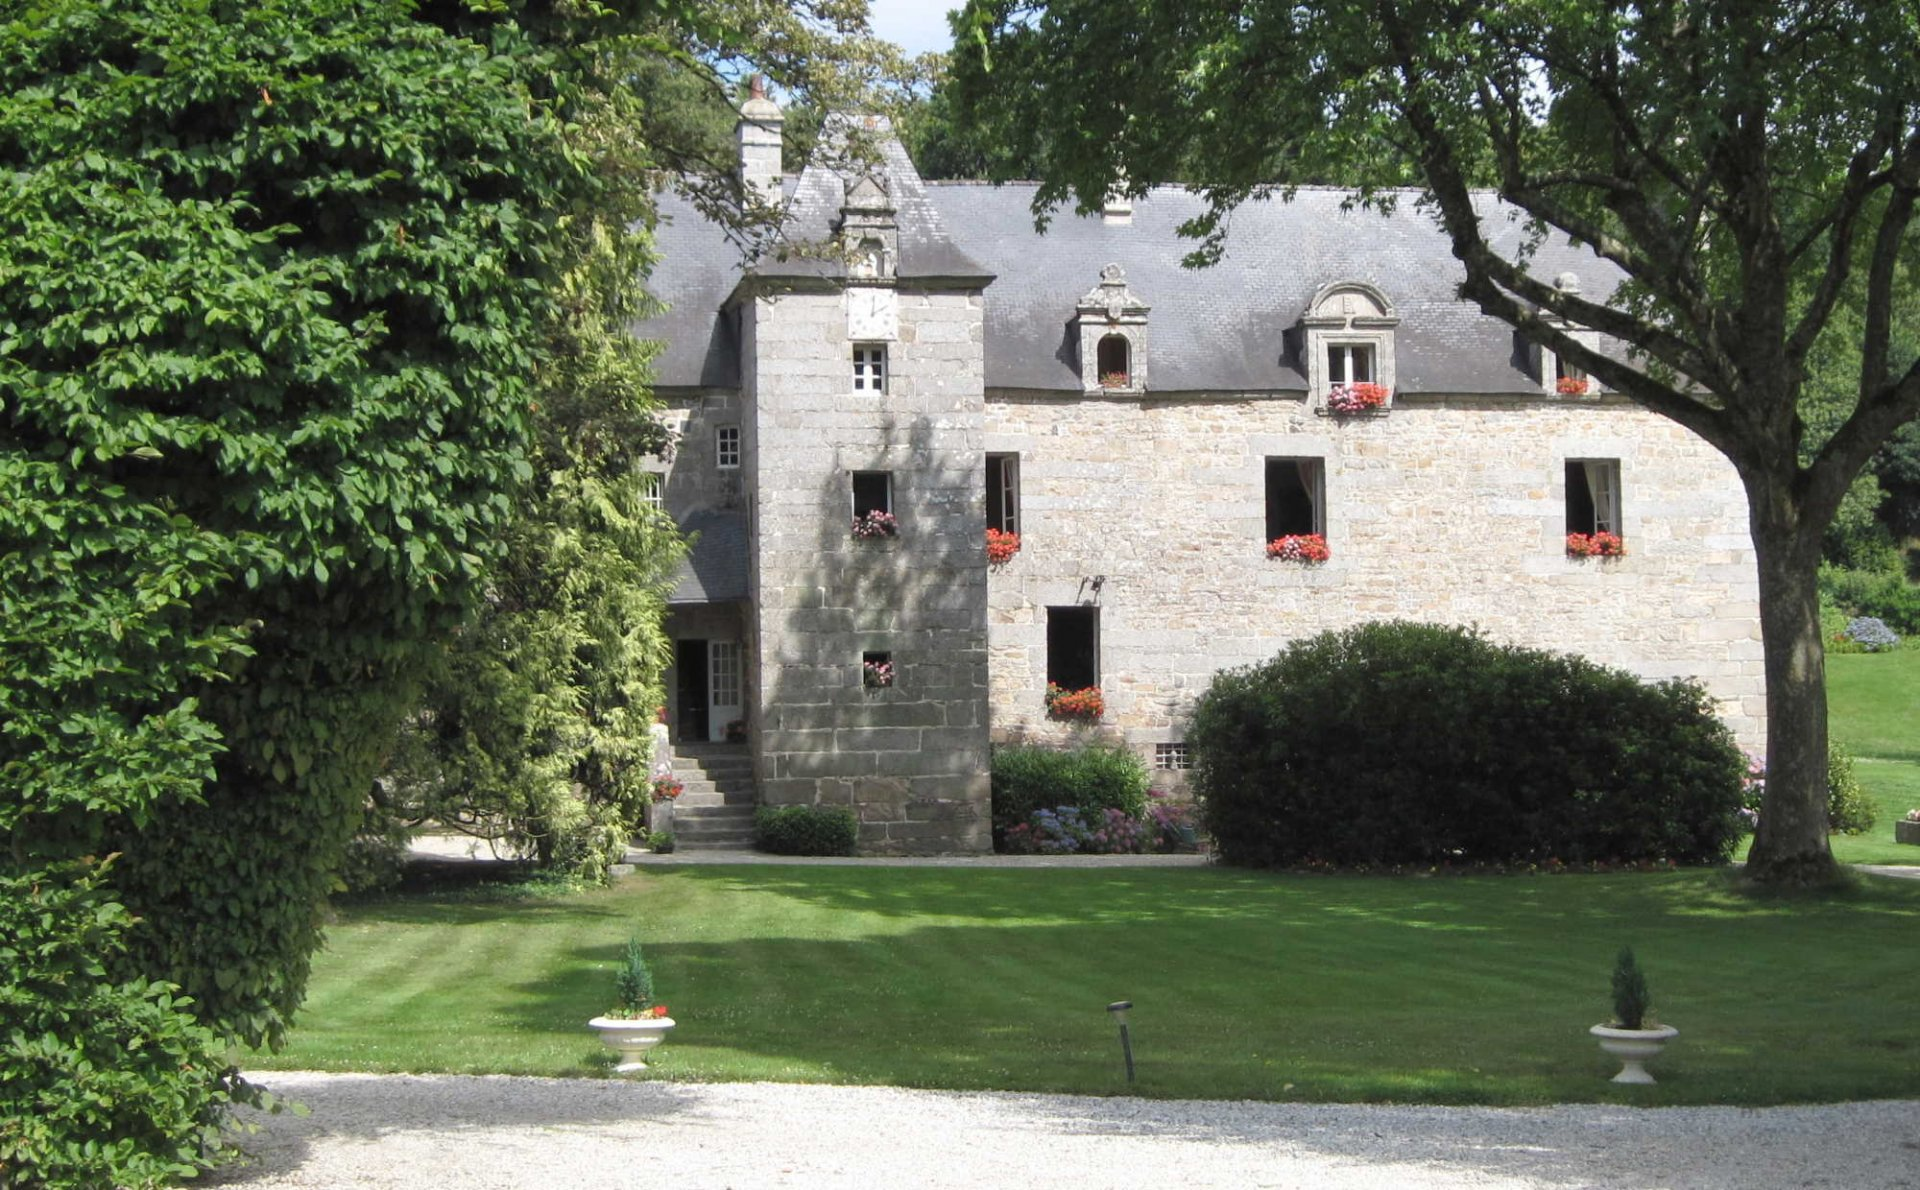 Saint_Nicolas_Du_Pelem_-_Chateau_du_Pelem.jpg